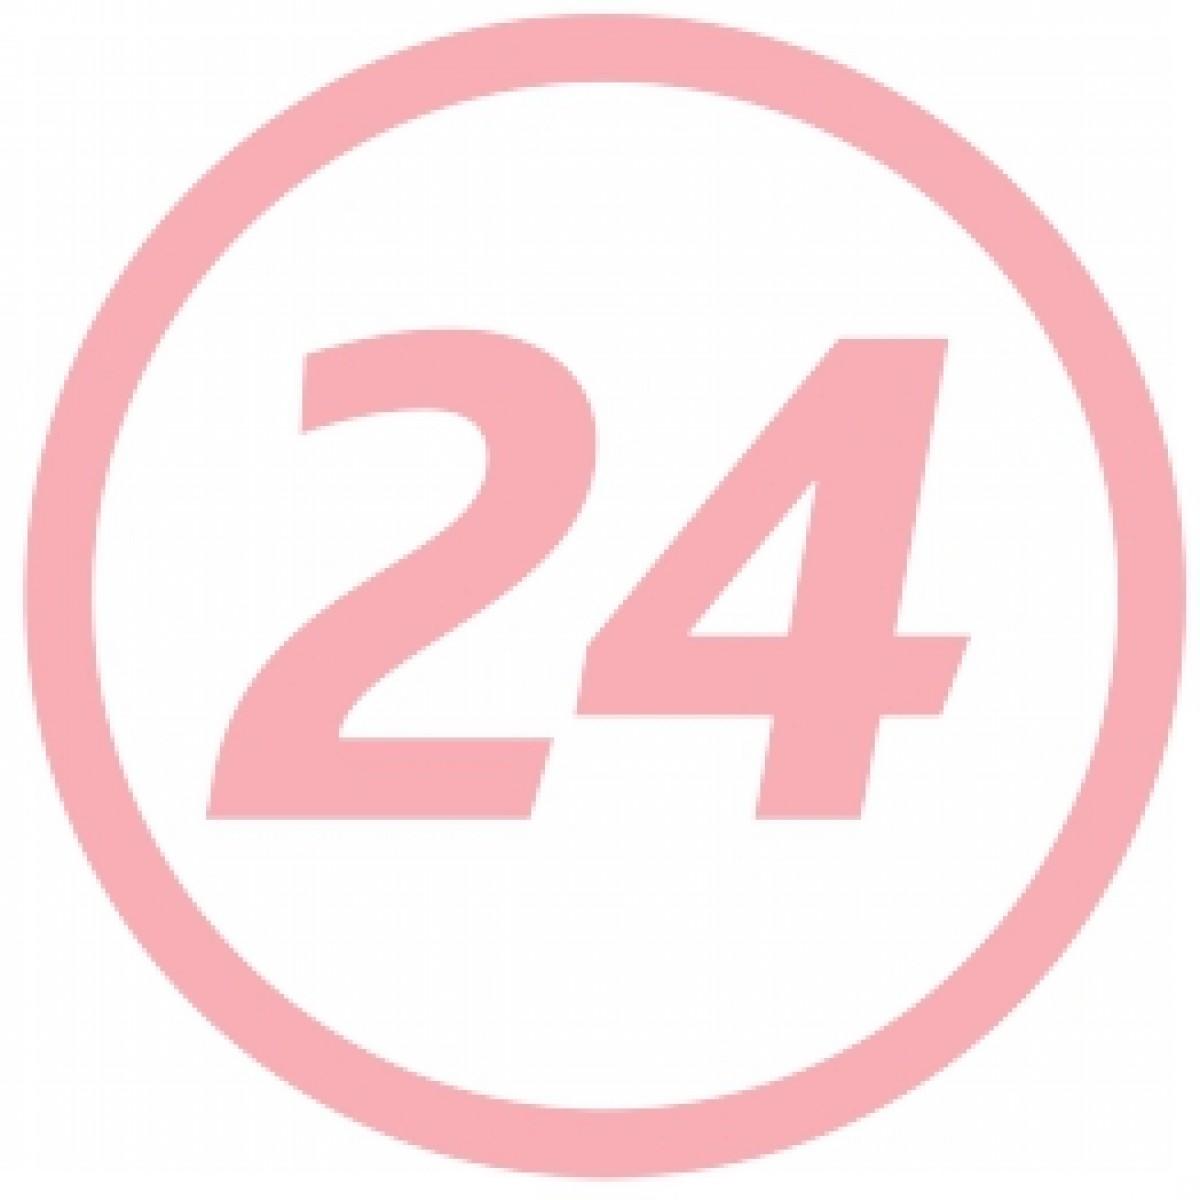 Pachet Mustela Gel De Curatare pentru Par si Corp 750ml + Servetele Curatatoare Fata Si Corp 25buc